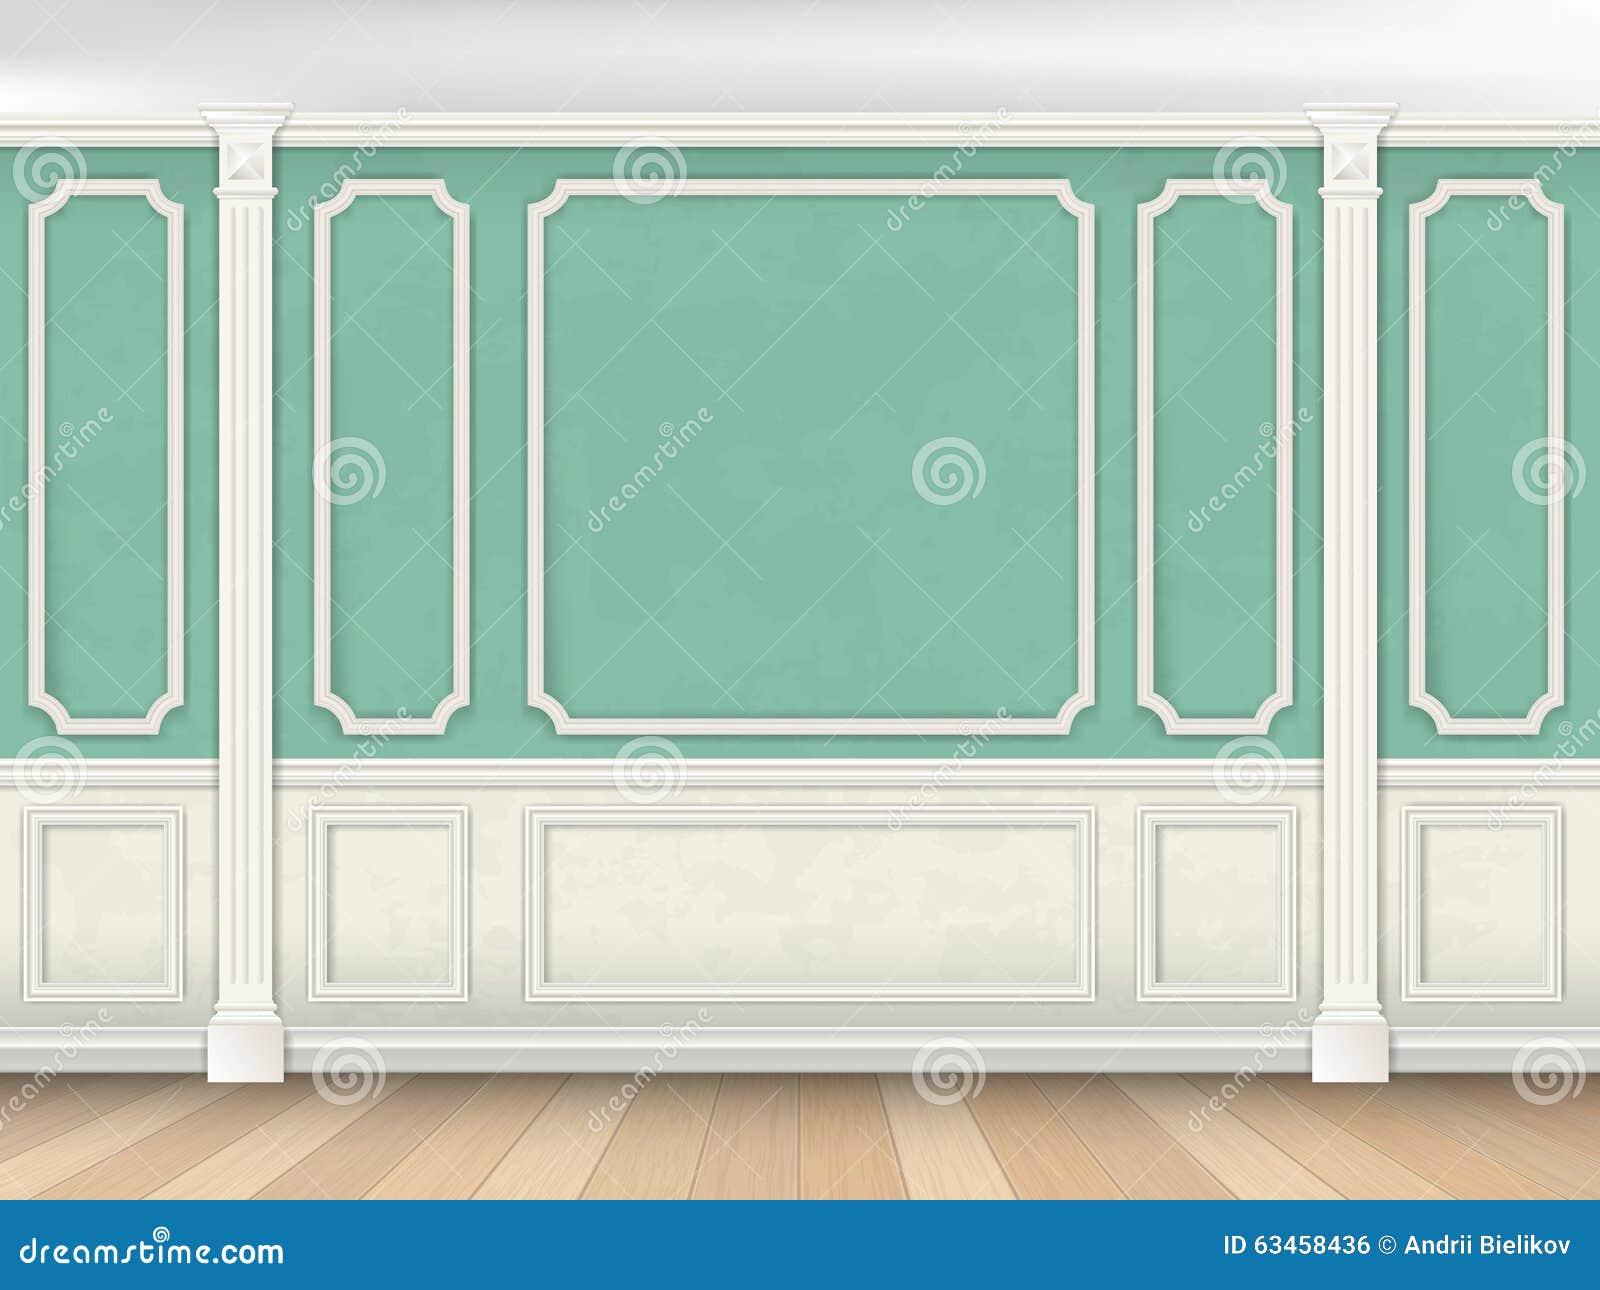 Grüne Wand Mit Pilastern